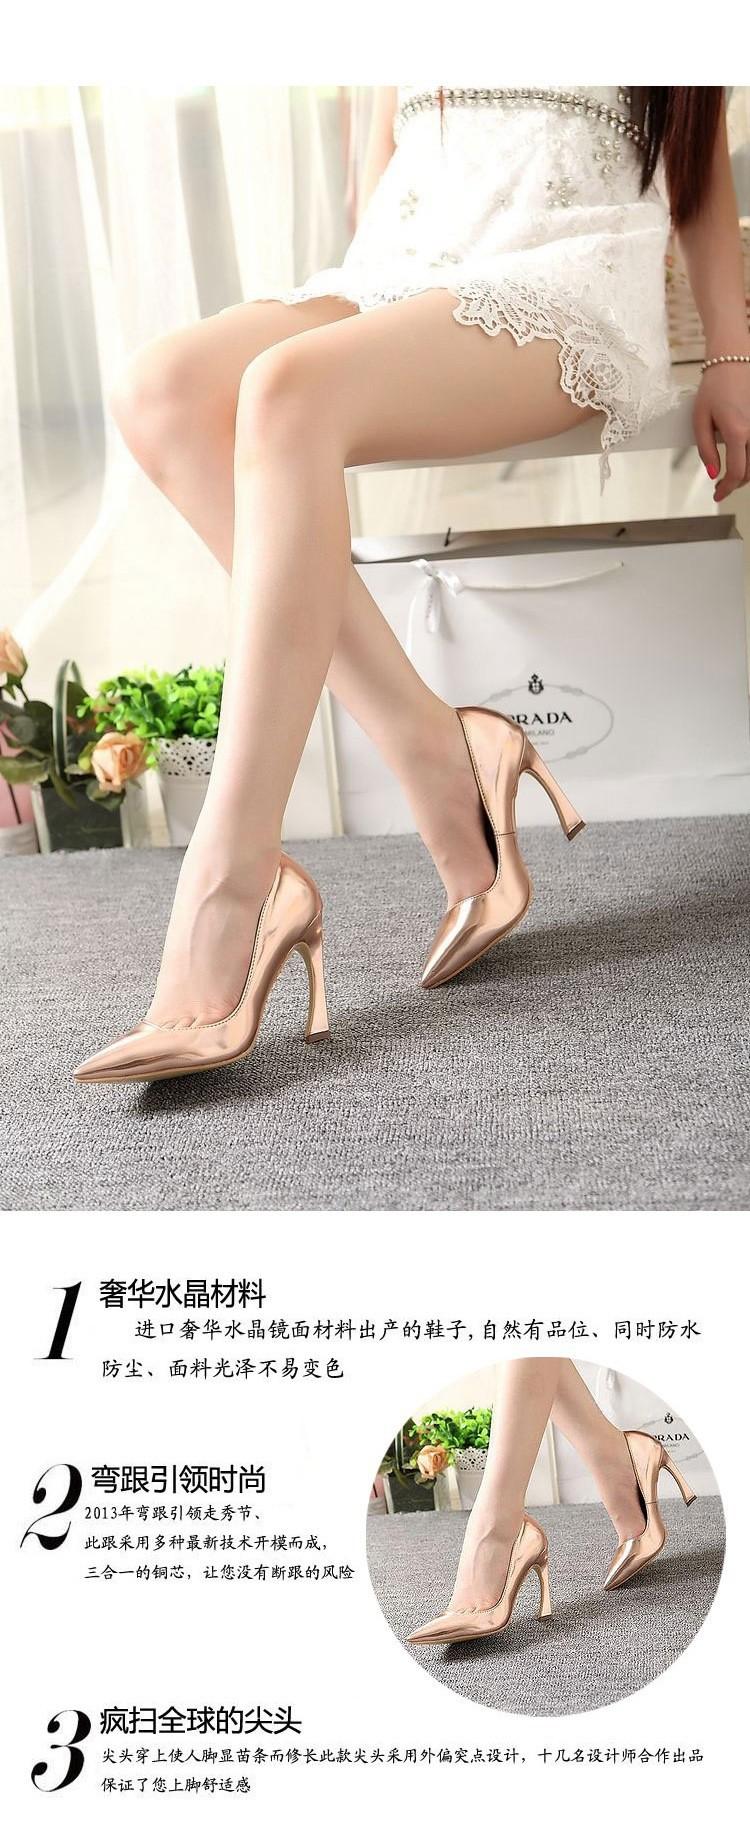 Туфли на высоком каблуке size35/39 3 201404m75